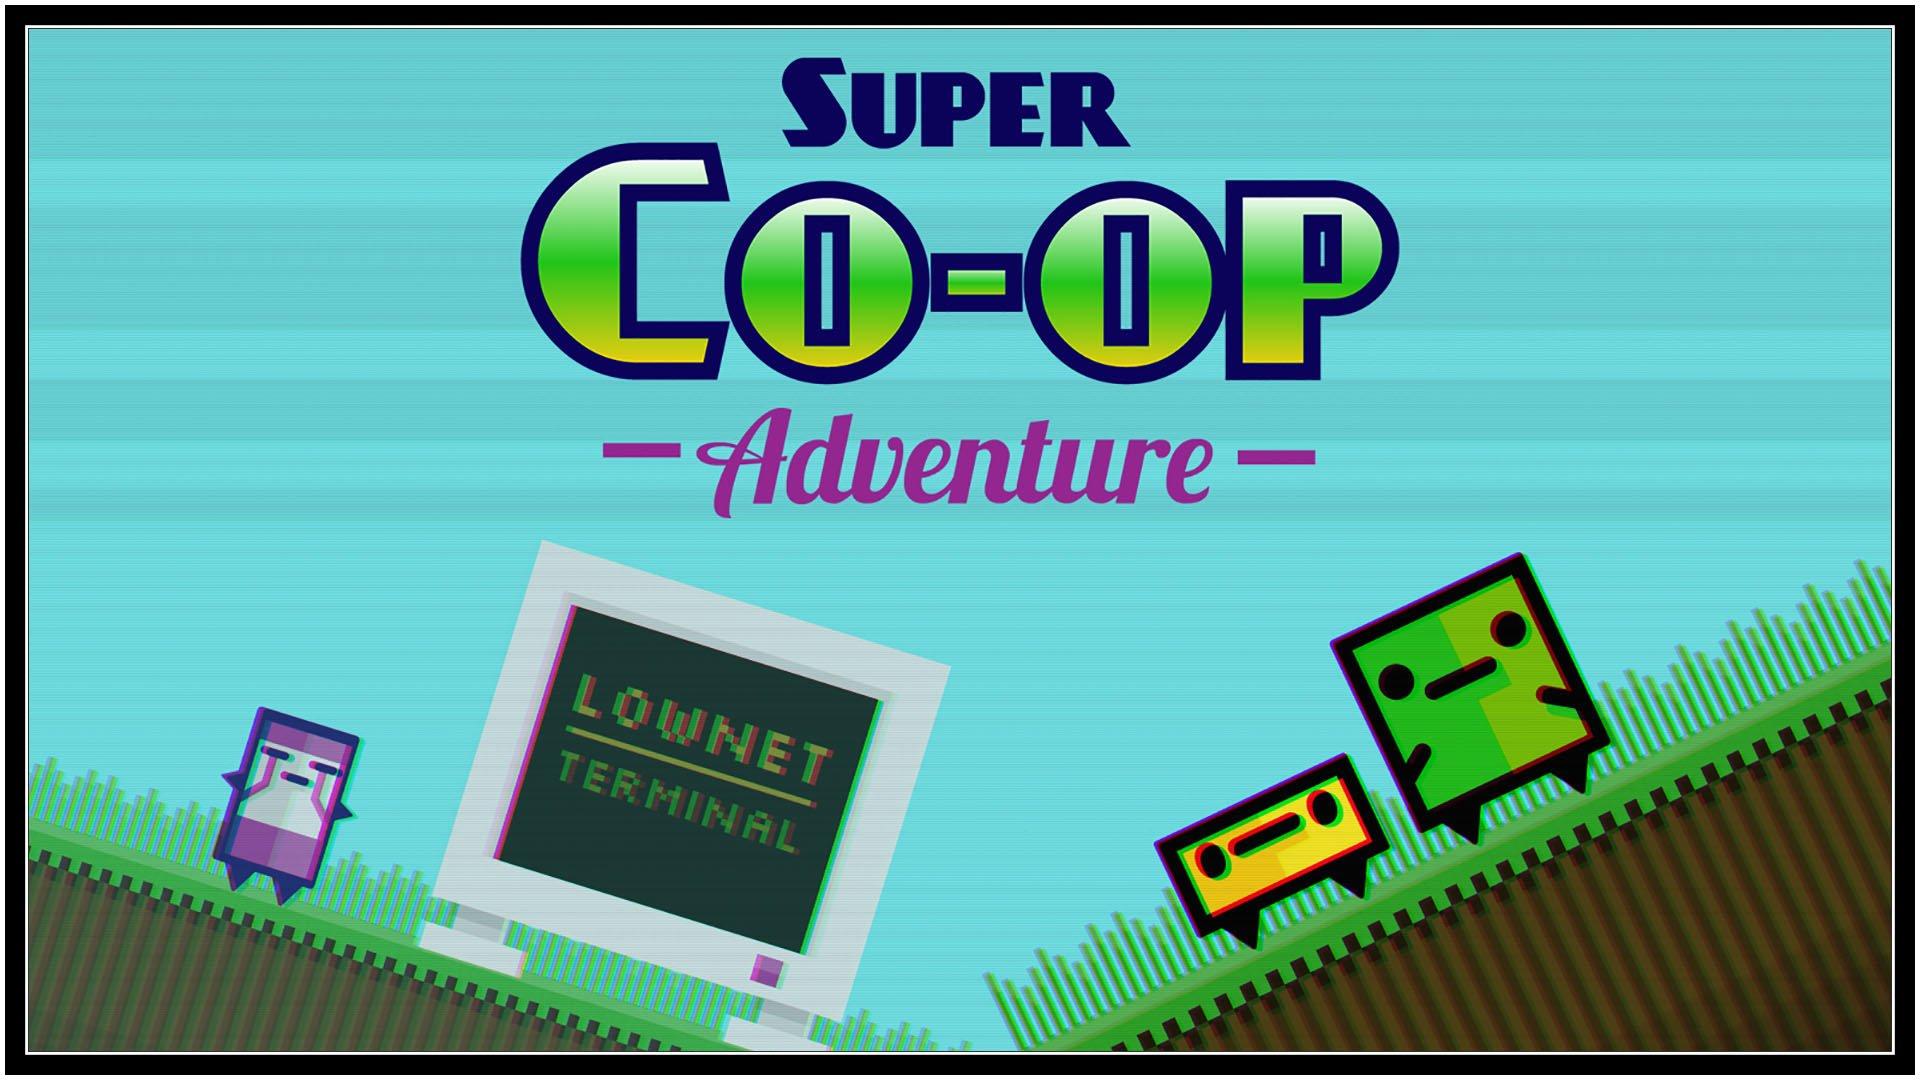 Super Co-op Adventure (PC) Preview